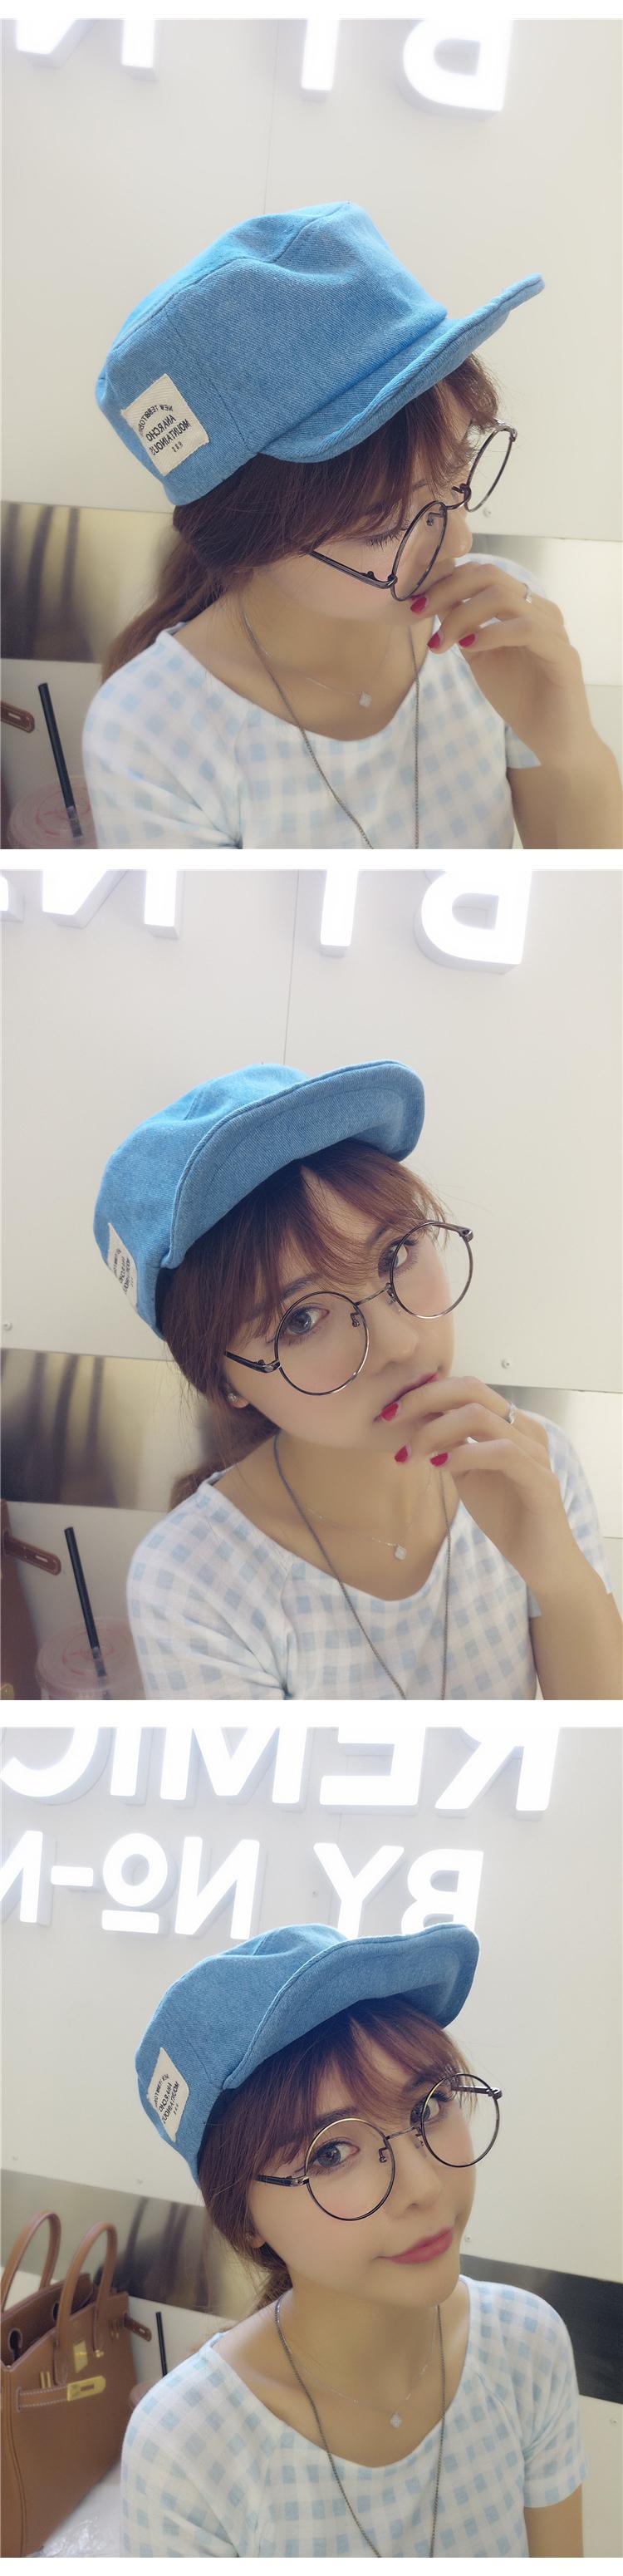 遮陽帽 棒球帽 潮帽【C1085】棒球帽-平頂可折疊側邊小標軟帽 艾咪E舖 休閒帽 男女皆可